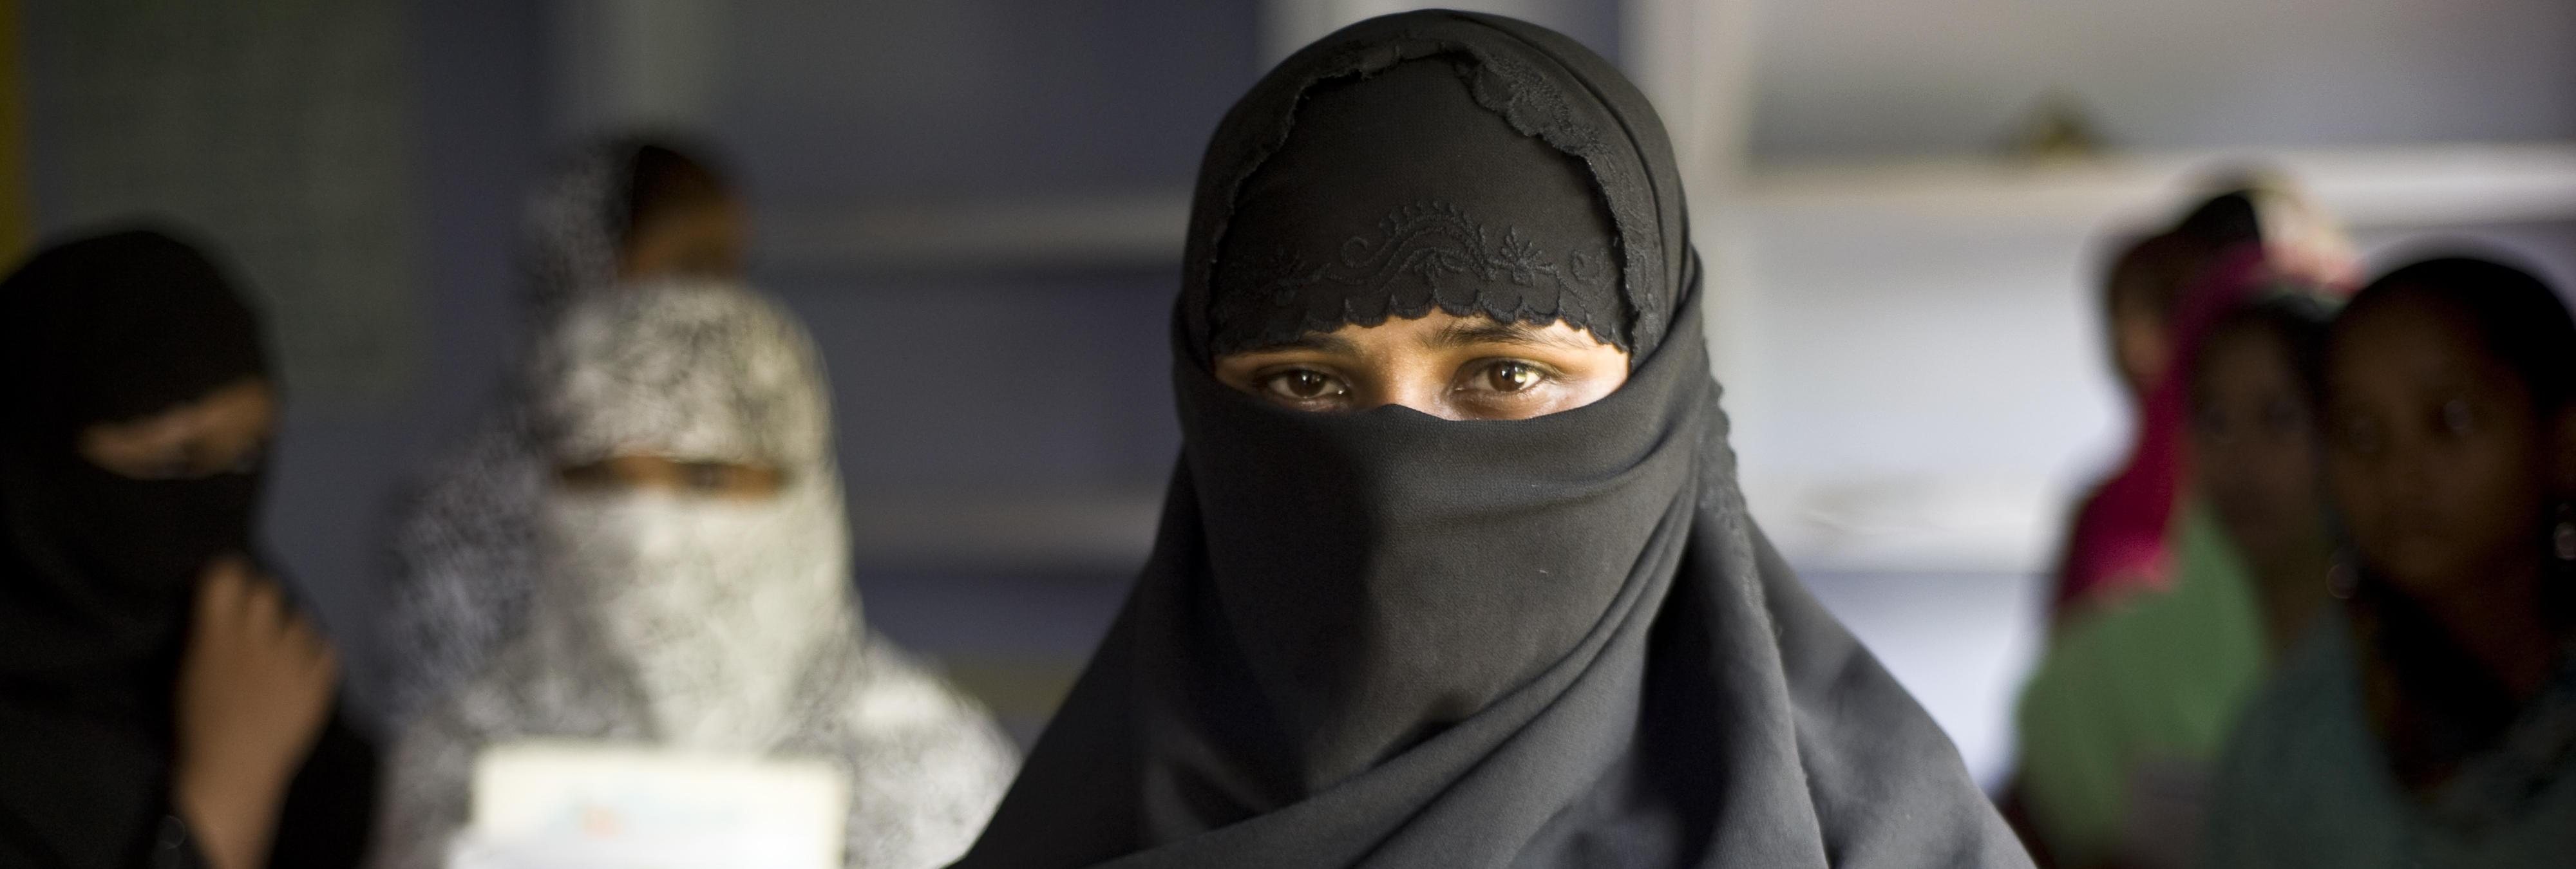 Así se vende por dos euros una niña-esposa en Kabul